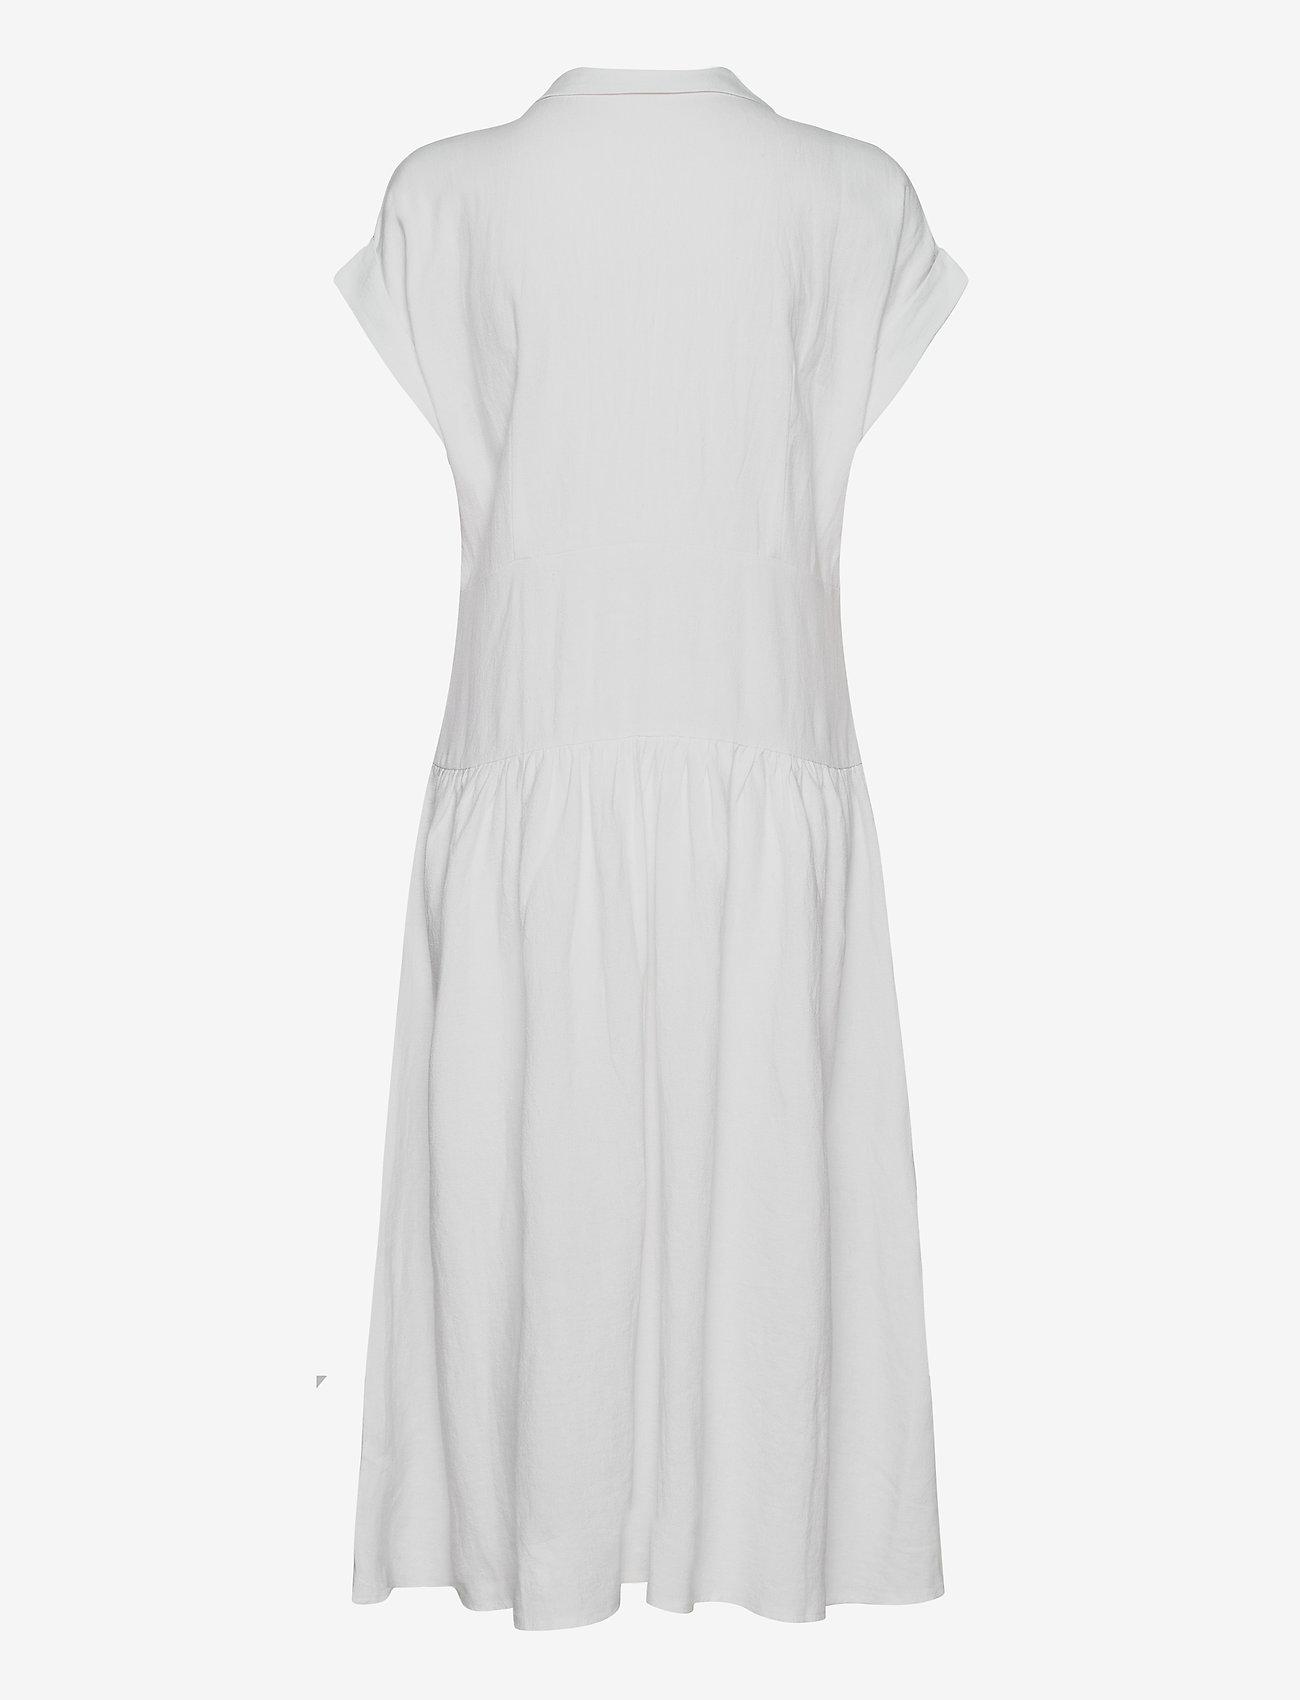 Esprit Casual - Dresses light woven - midi kjoler - white - 1